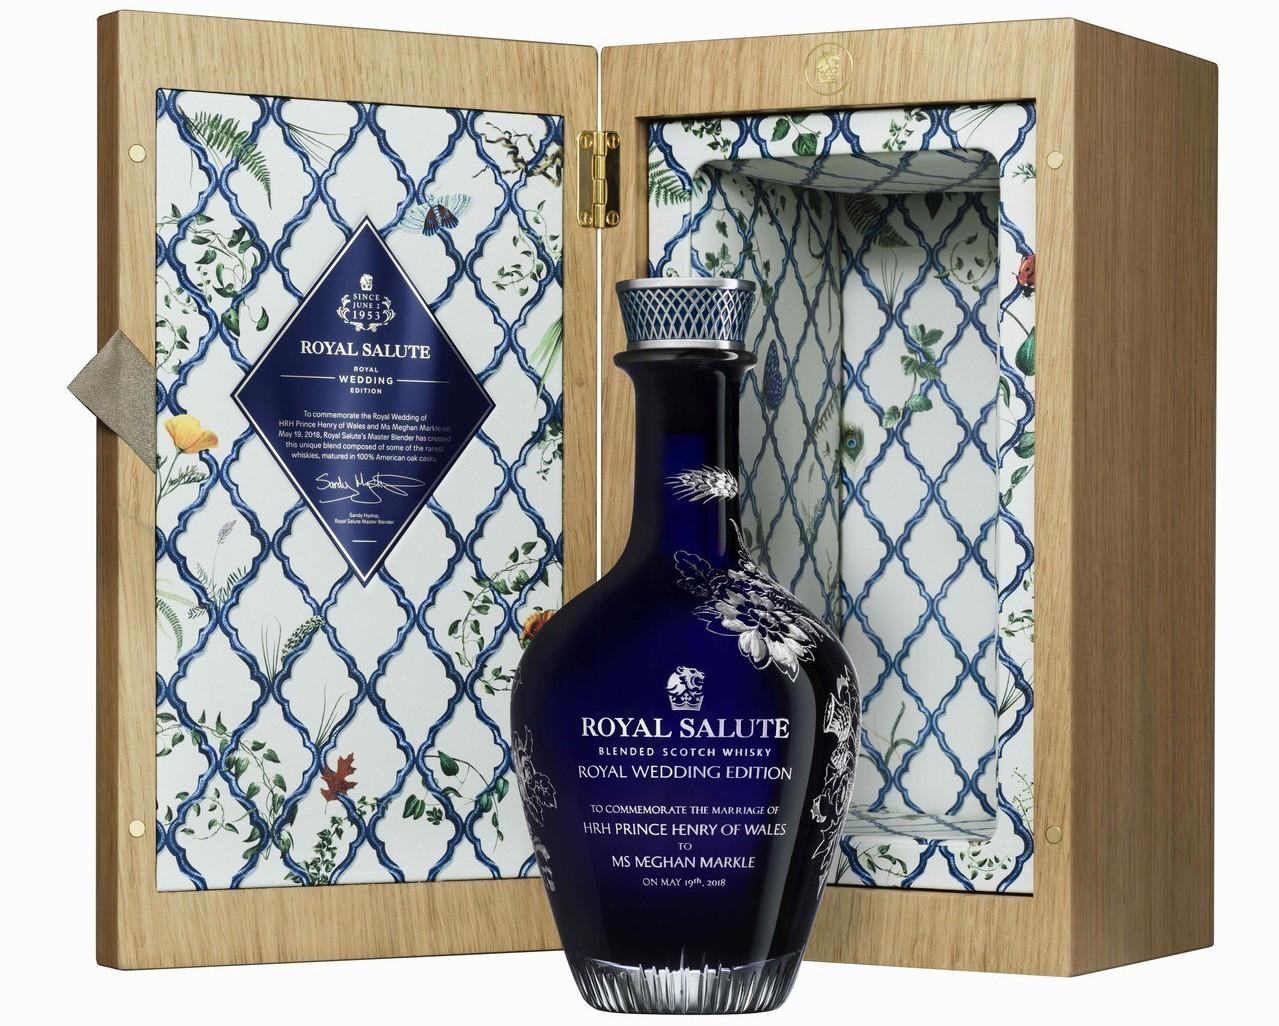 皇家禮炮Royal Wedding Edition獨家紀念版調和式威士忌,裝入D...